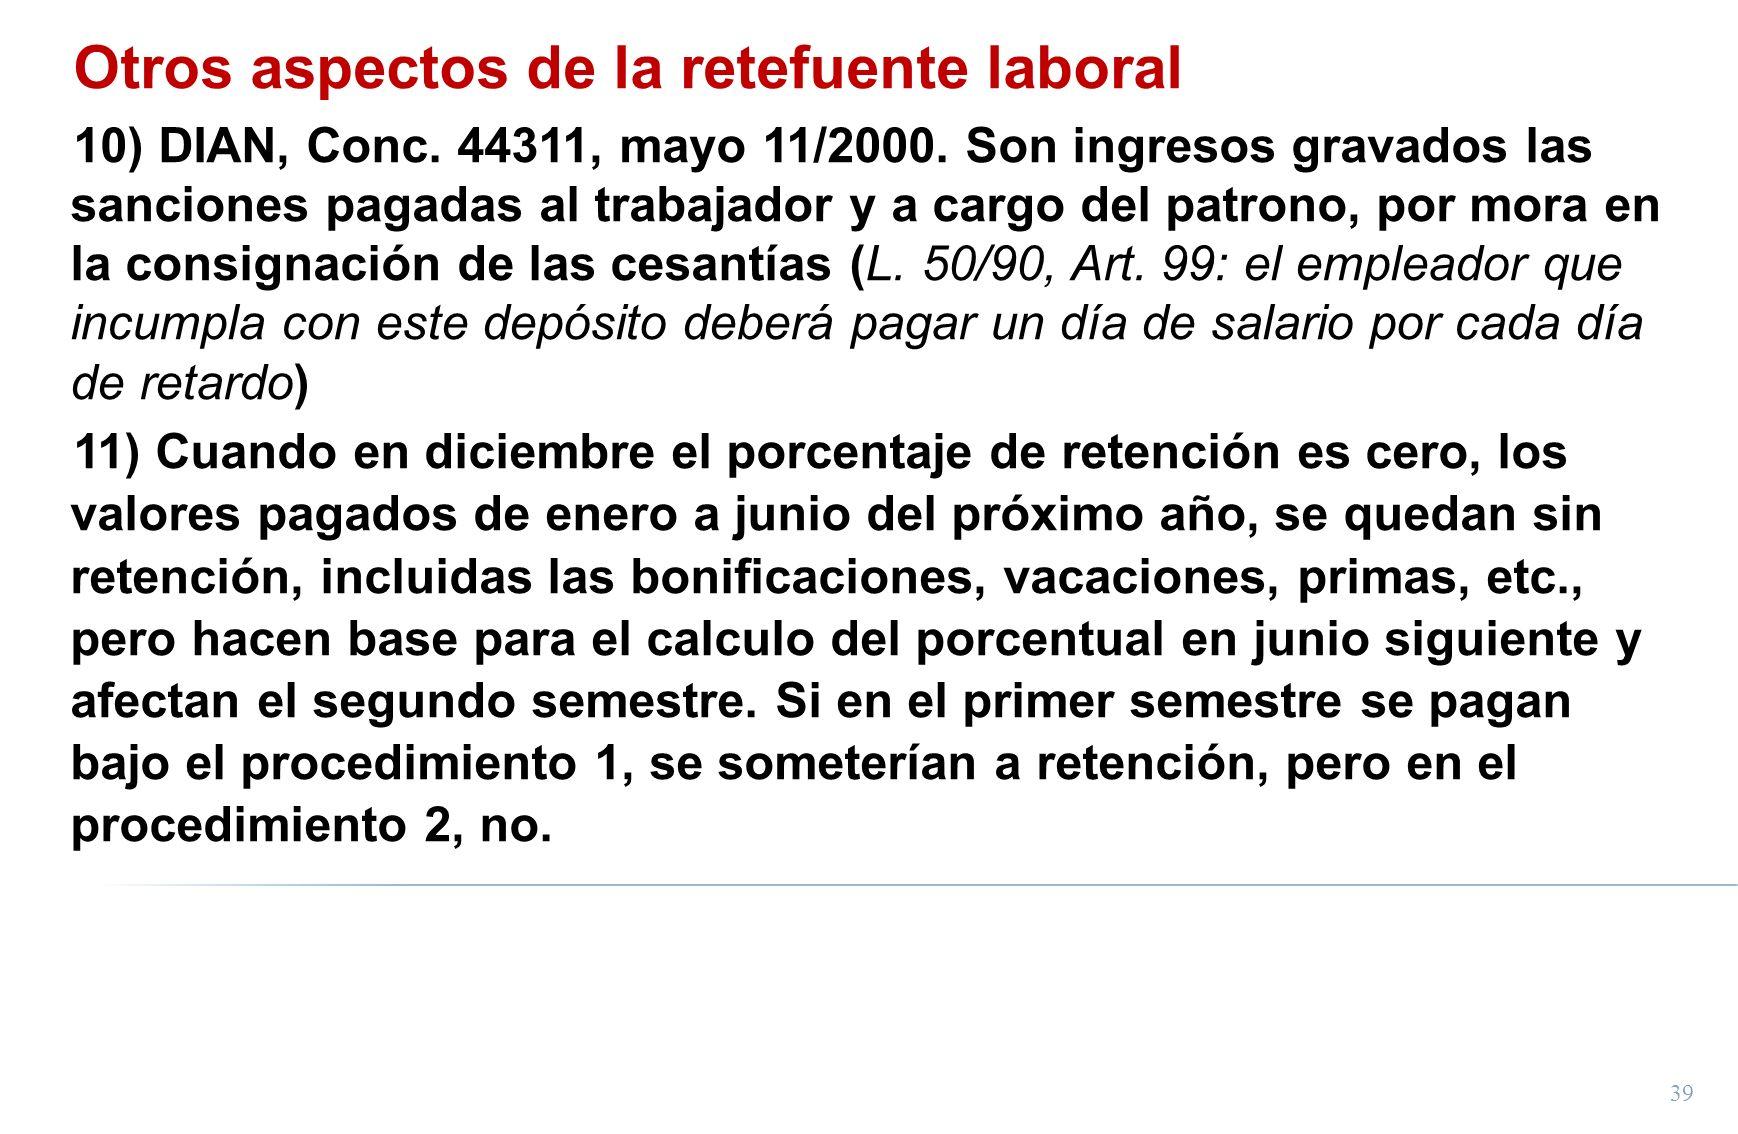 39 Otros aspectos de la retefuente laboral 10) DIAN, Conc. 44311, mayo 11/2000. Son ingresos gravados las sanciones pagadas al trabajador y a cargo de